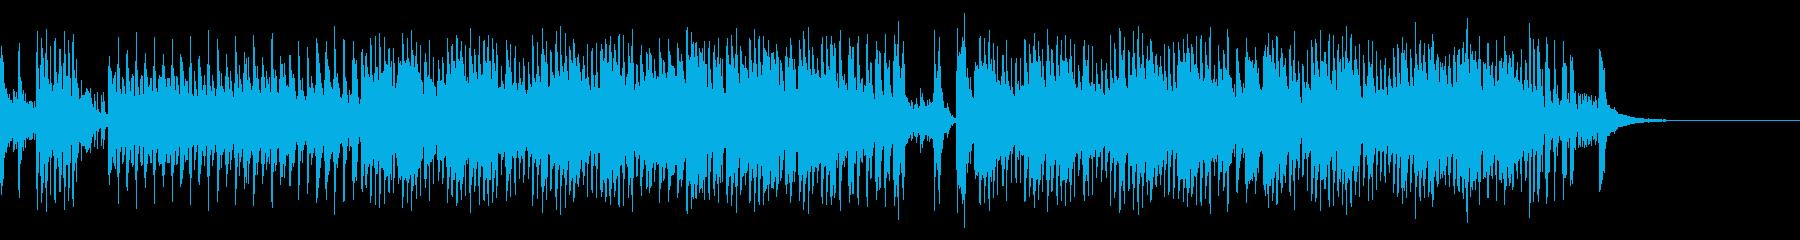 コミカルなピアノ曲の再生済みの波形